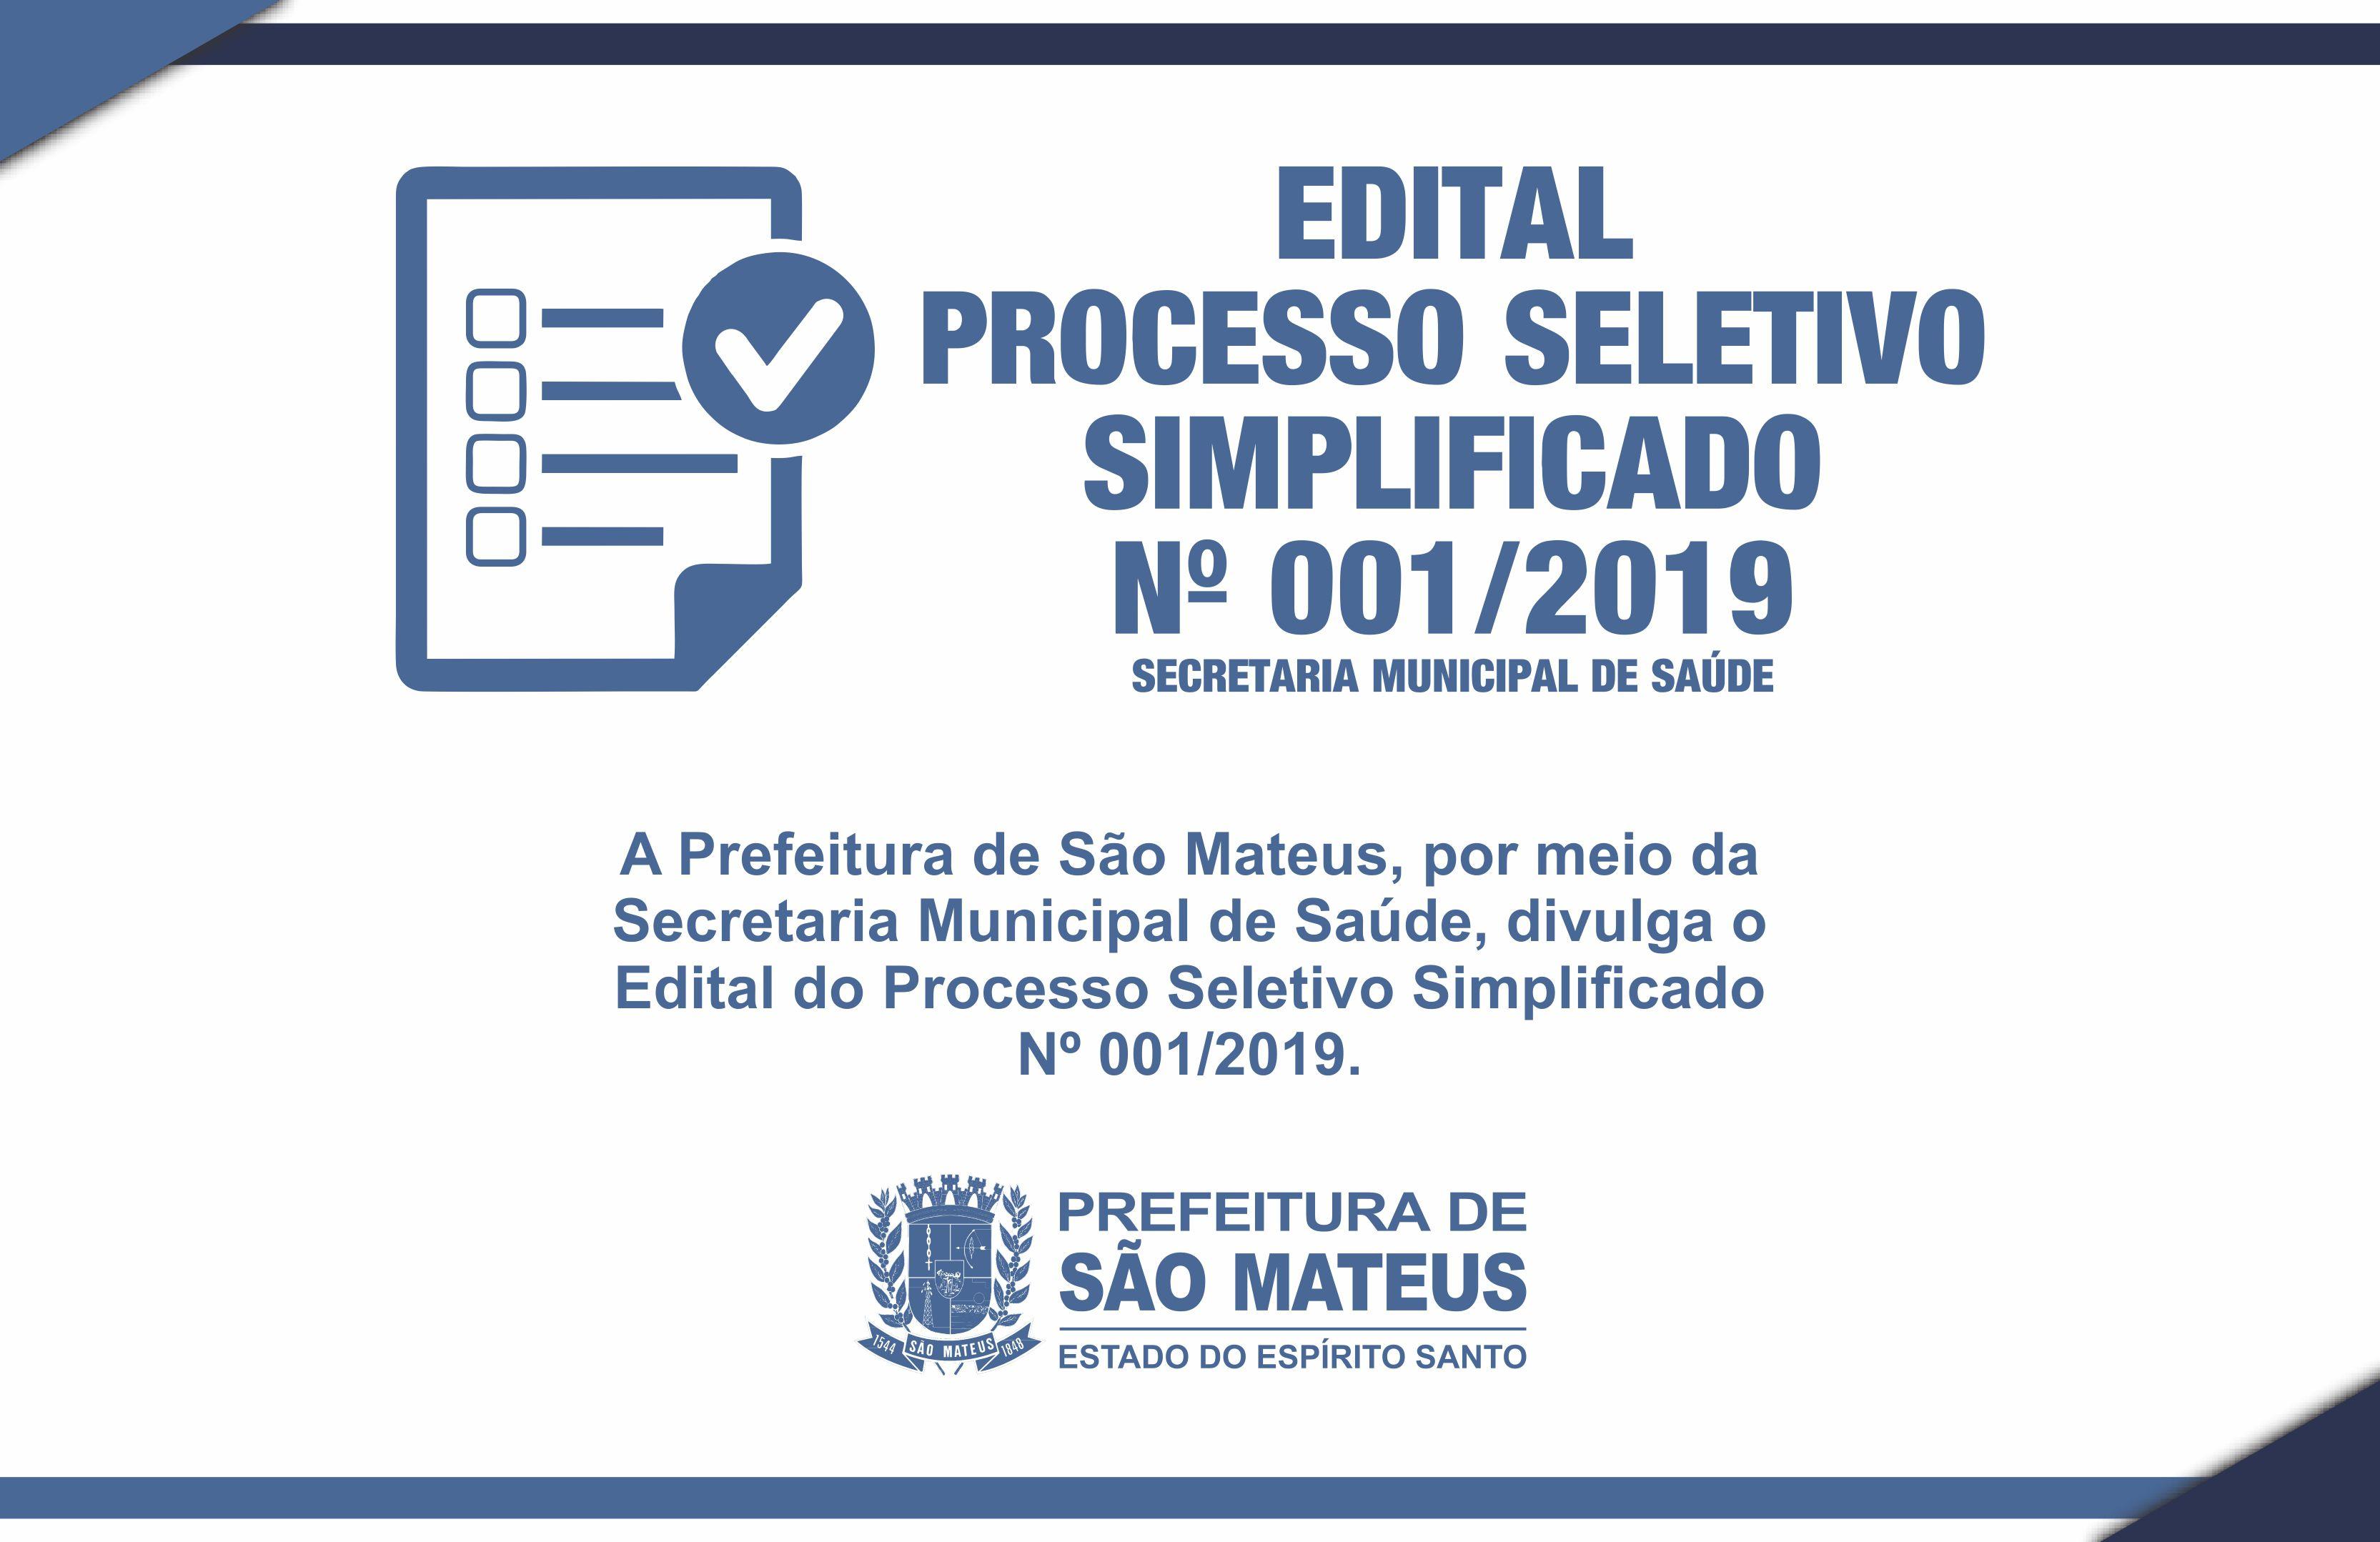 PREFEITURA DIVULGA EDITAL DE PROCESSO SELETIVO SIMPLIFICADO PARA PROFISSIONAIS DA SAÚDE